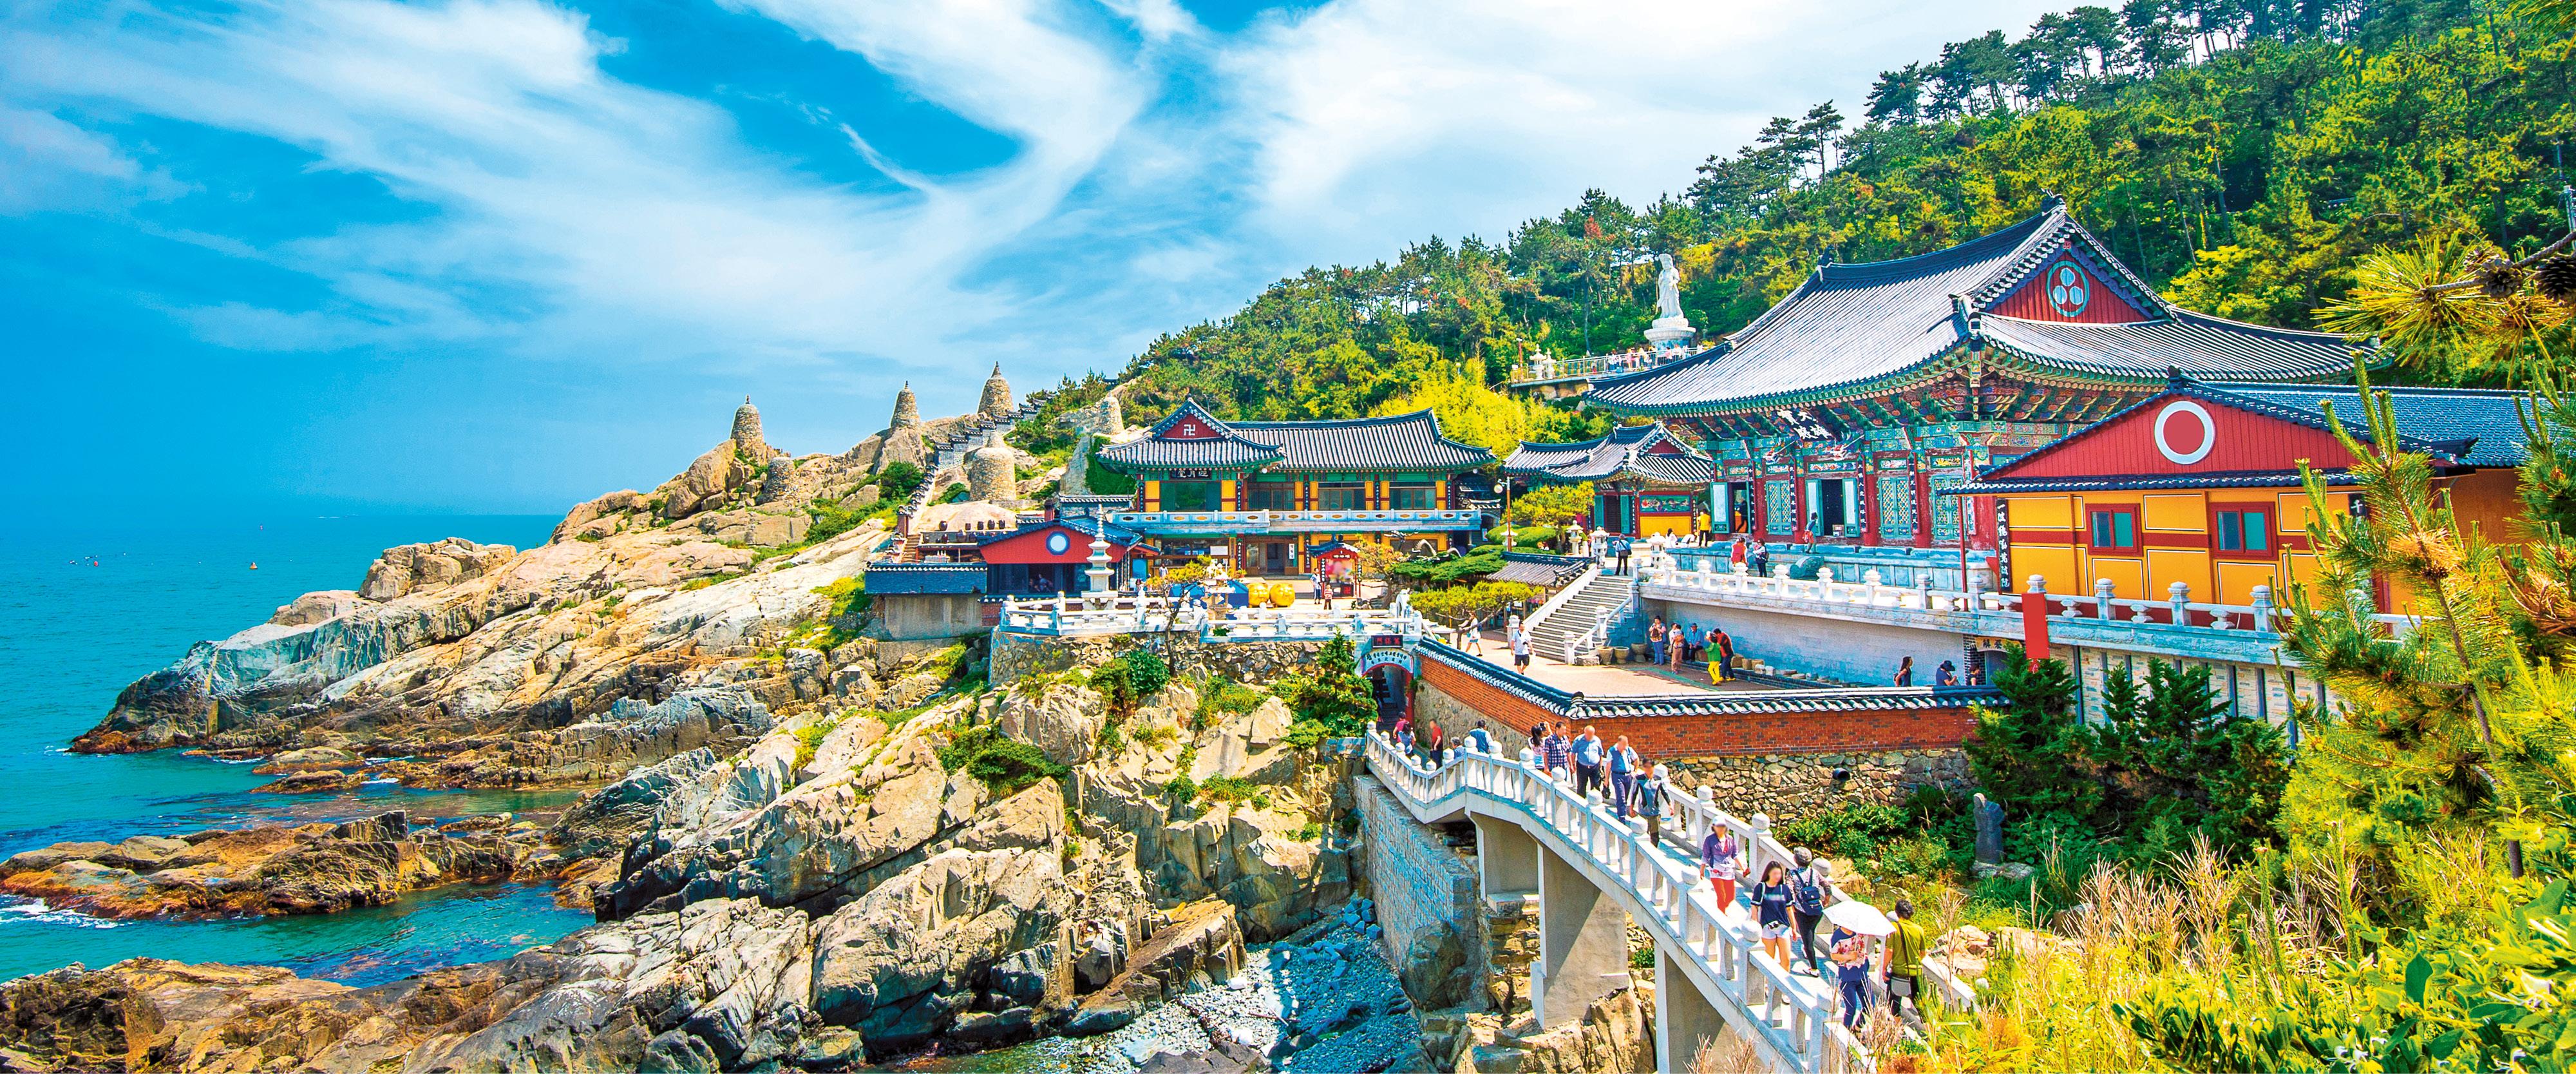 speed dating v Soulu Korea